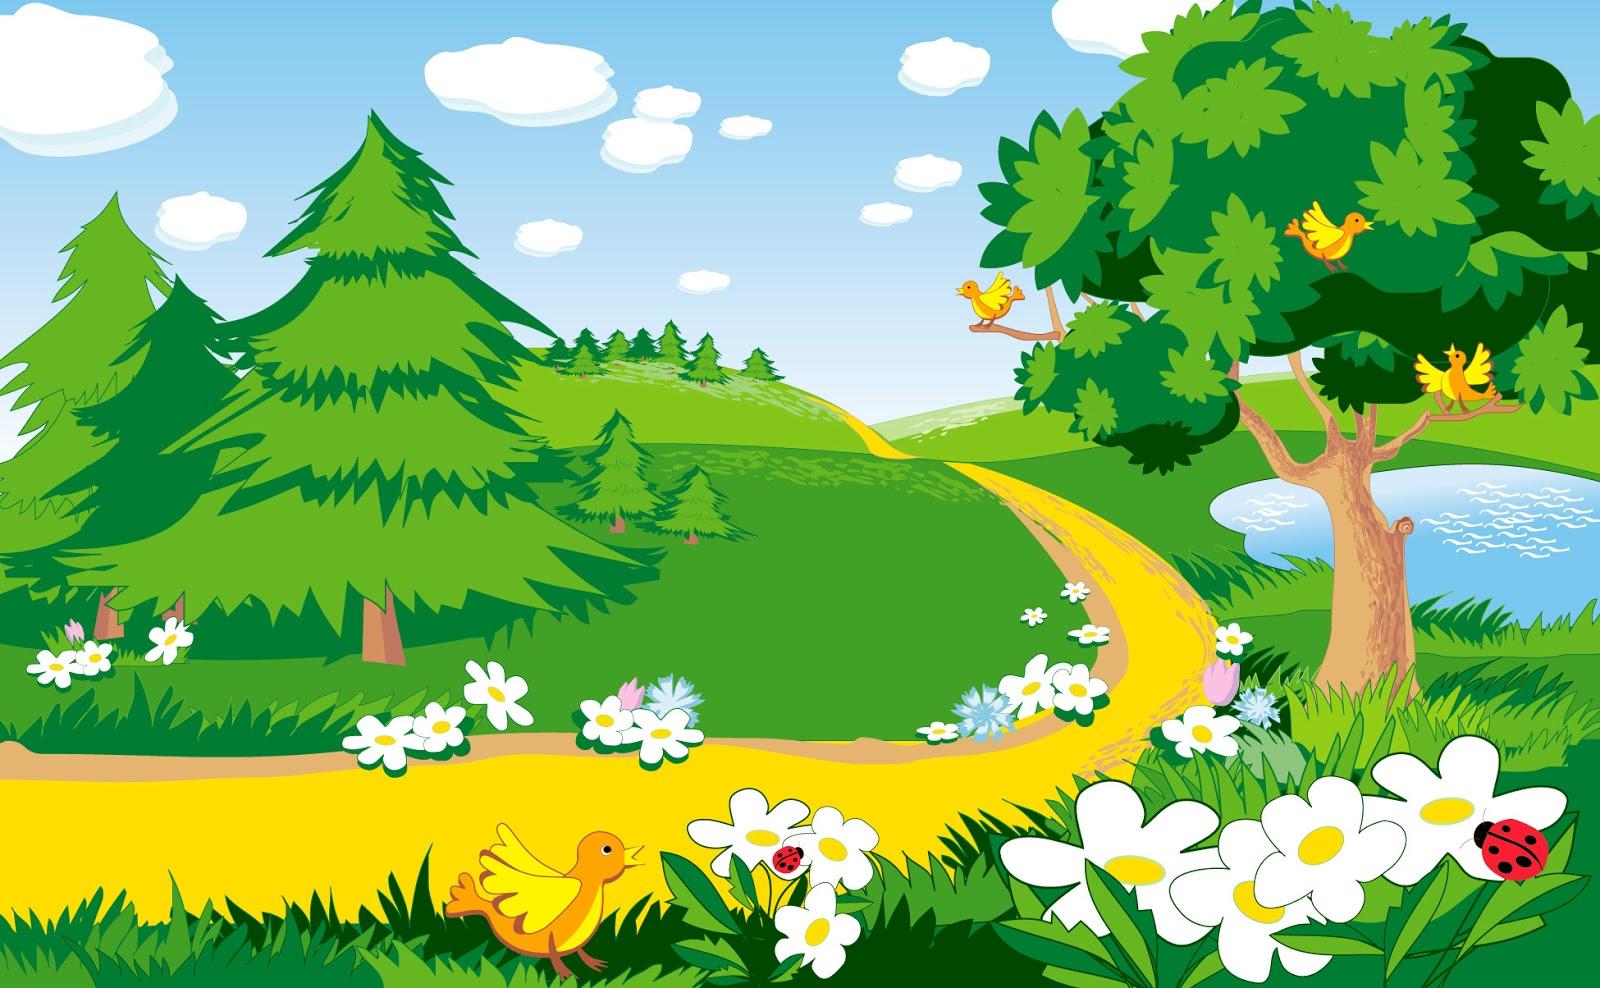 Fondo de pantalla para ni os peque os bosque mis fondos for Jardines pequenos para ninos